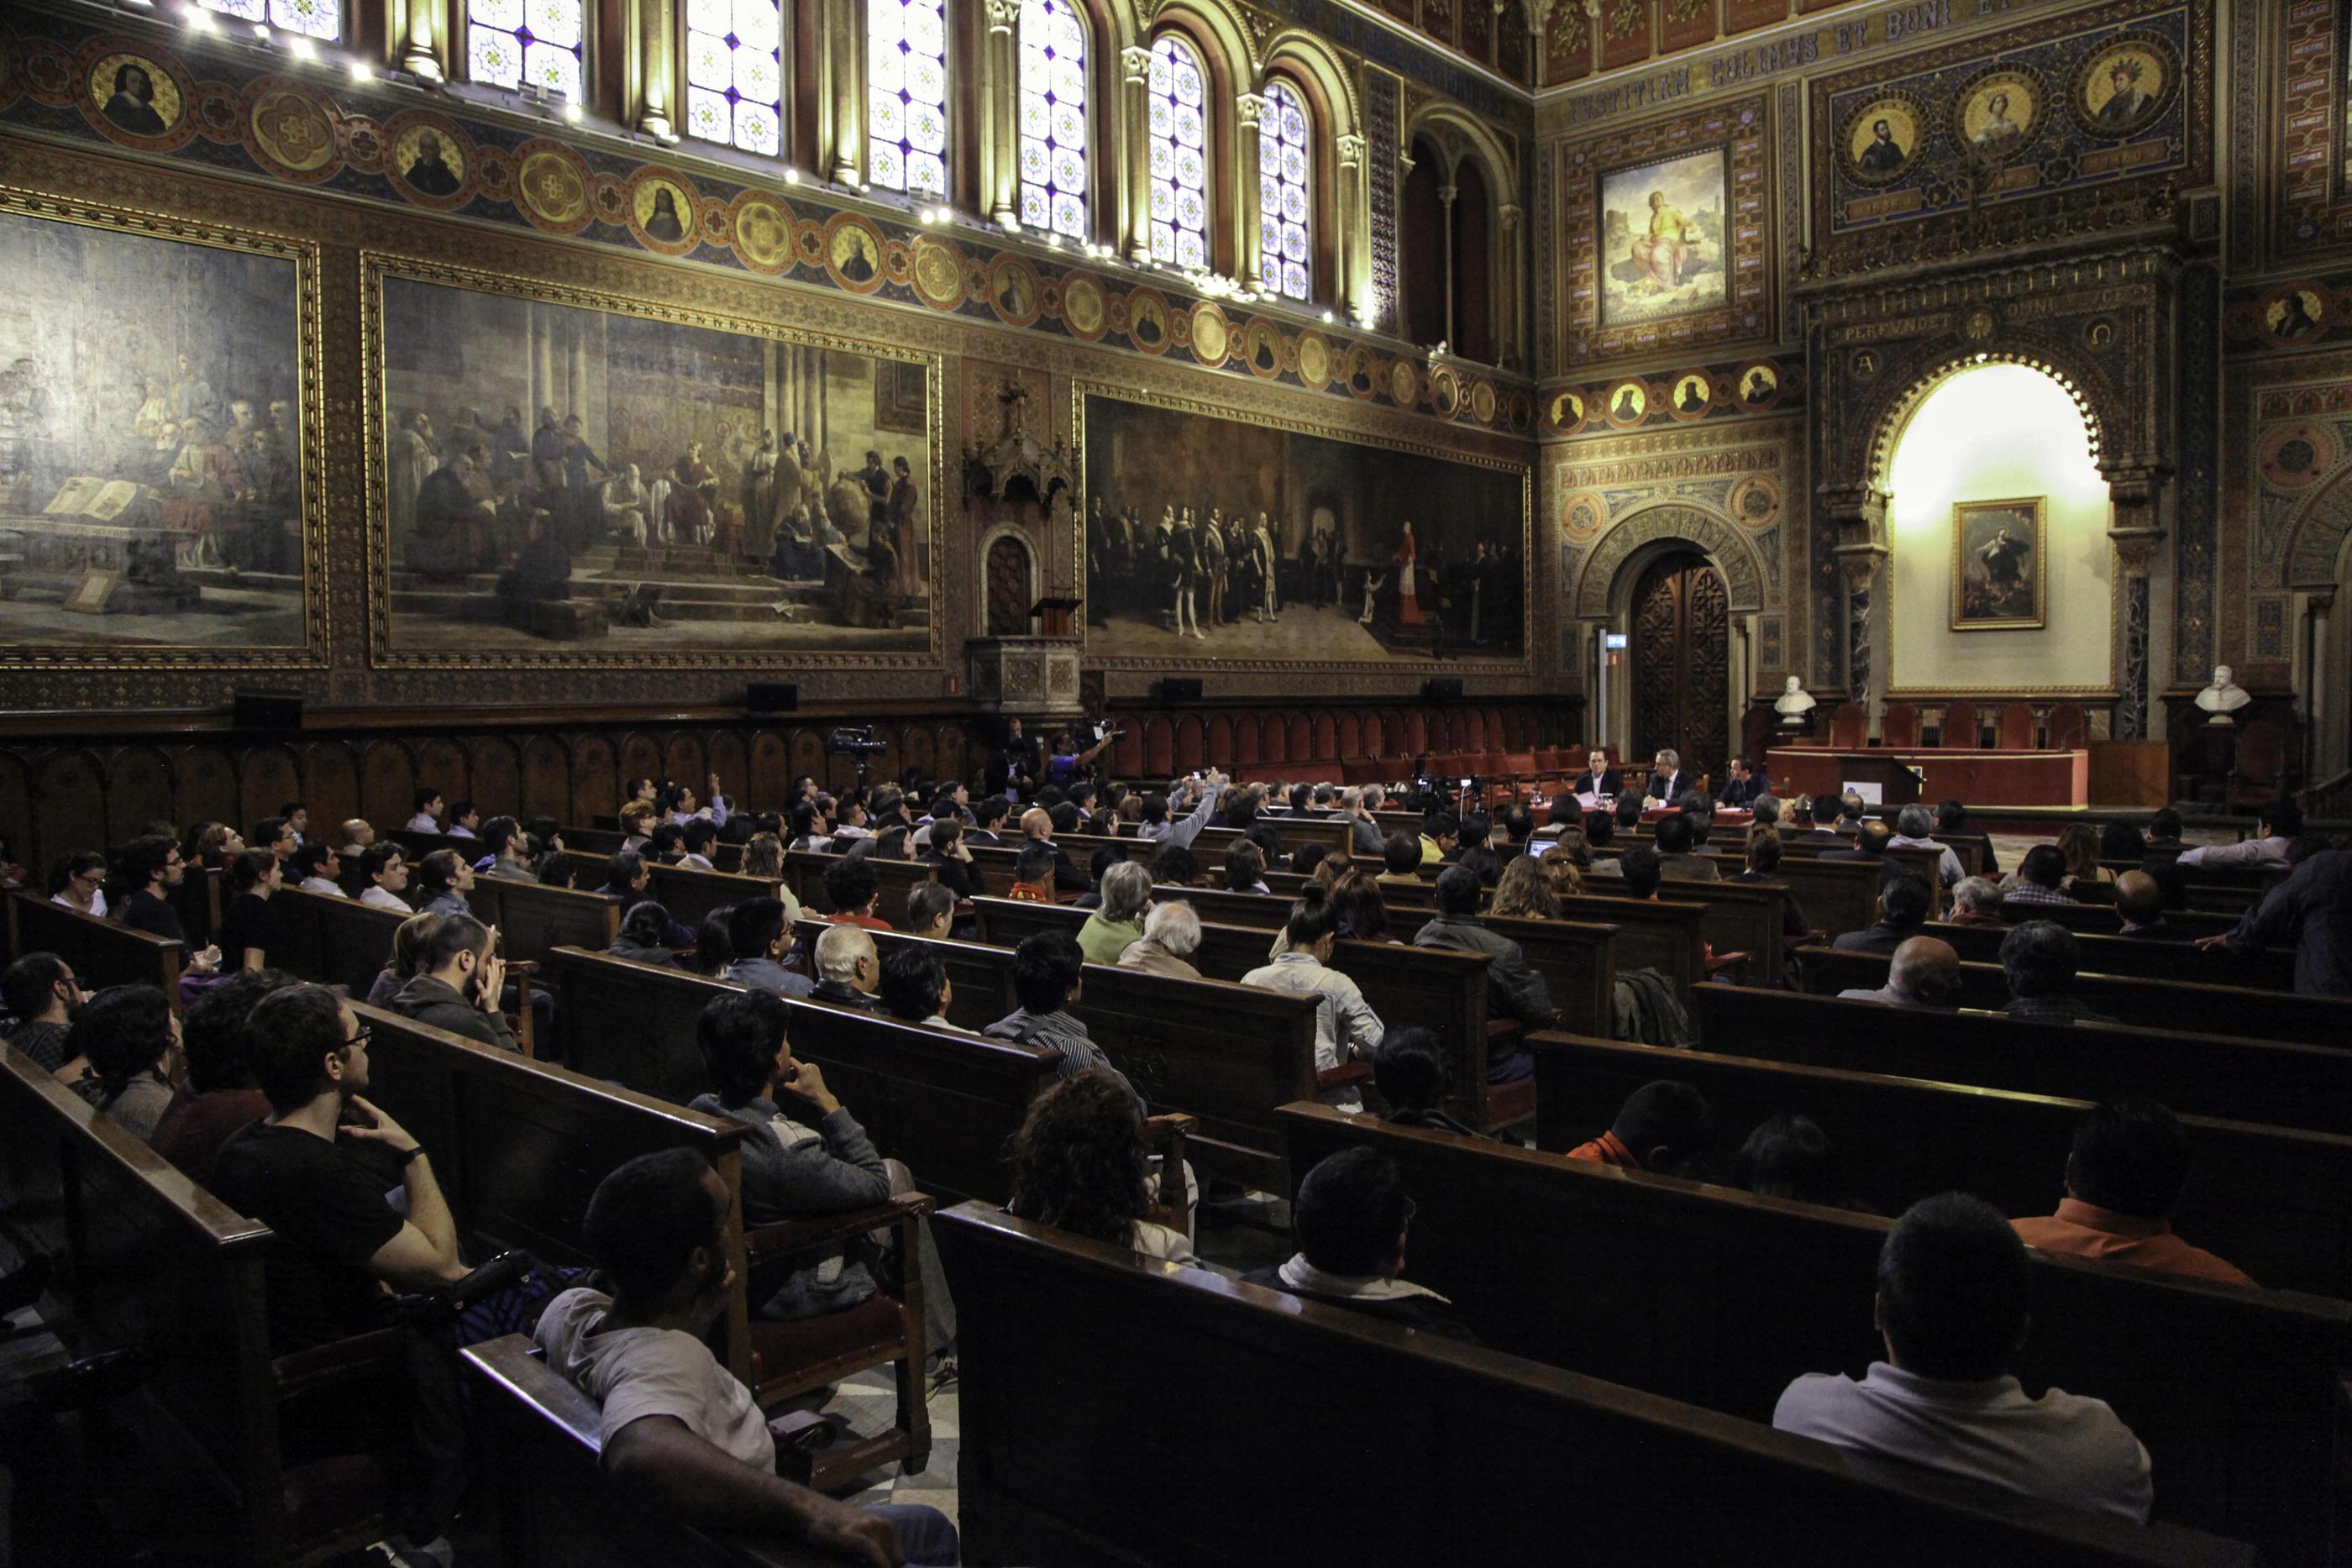 universidades espana universidades espana barcelona.asp